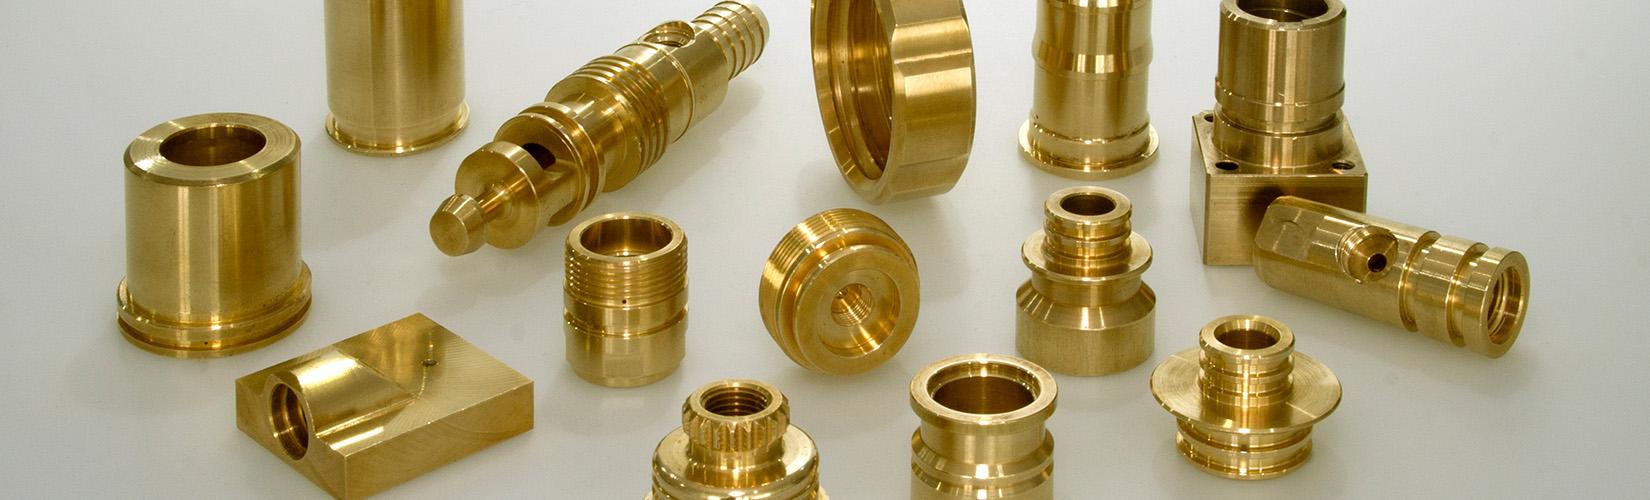 Composants robinetterie eau gaz, maintenance industrielle